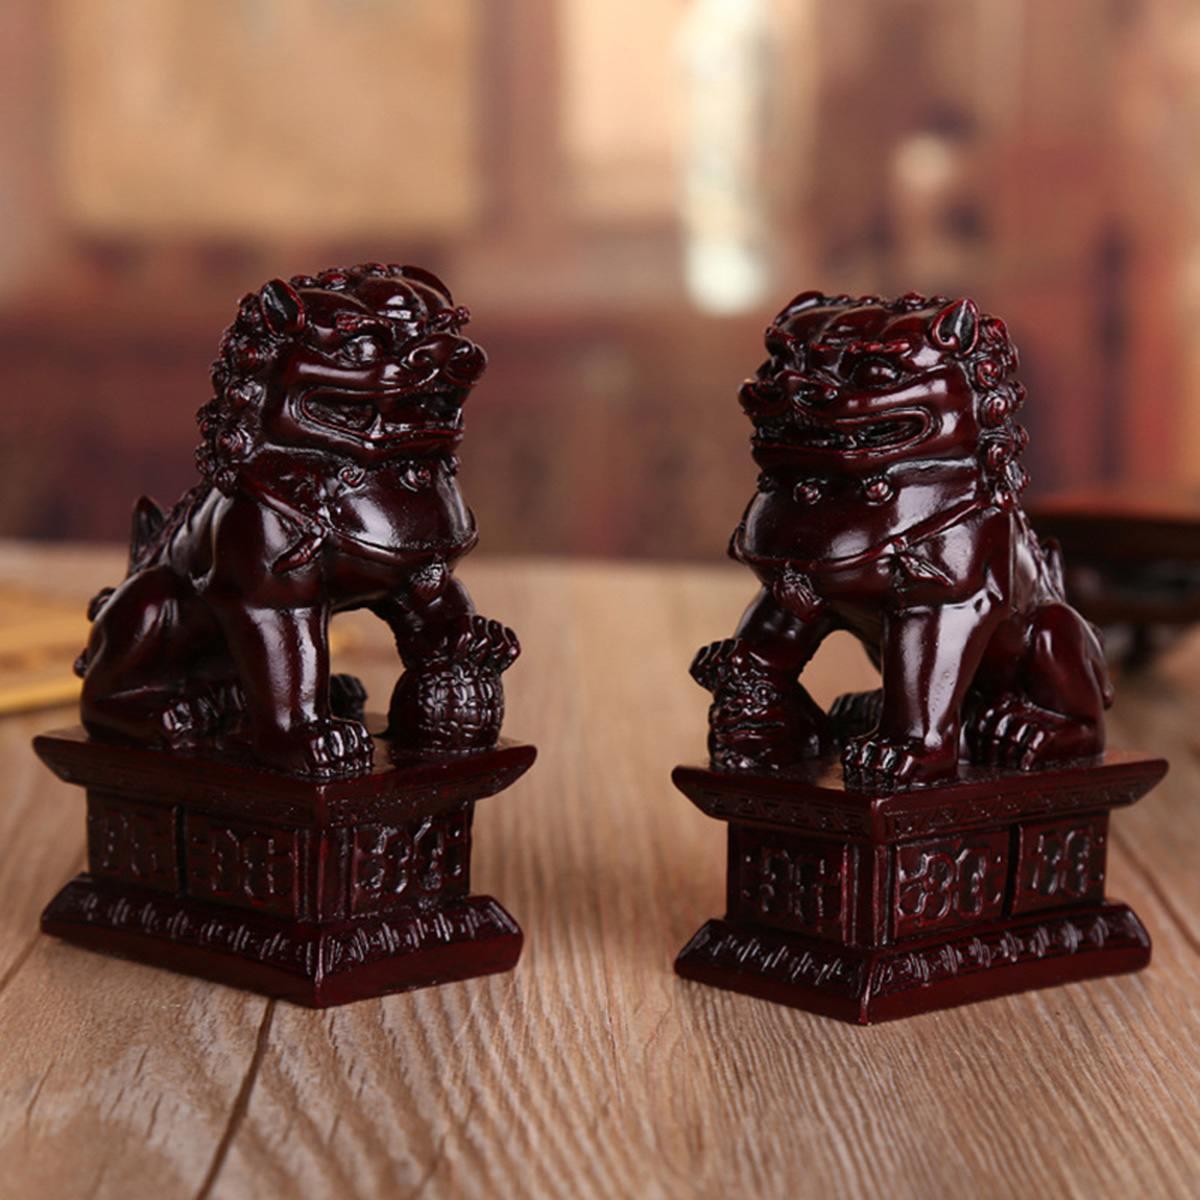 1 Paar Rot Chinesische Carving Fengshui Lions Harz Fu Foo Hund Guardion Tür Lions Statue Beast Statue Für Zu Hause Skulptur Dekoration Billigverkauf 50%